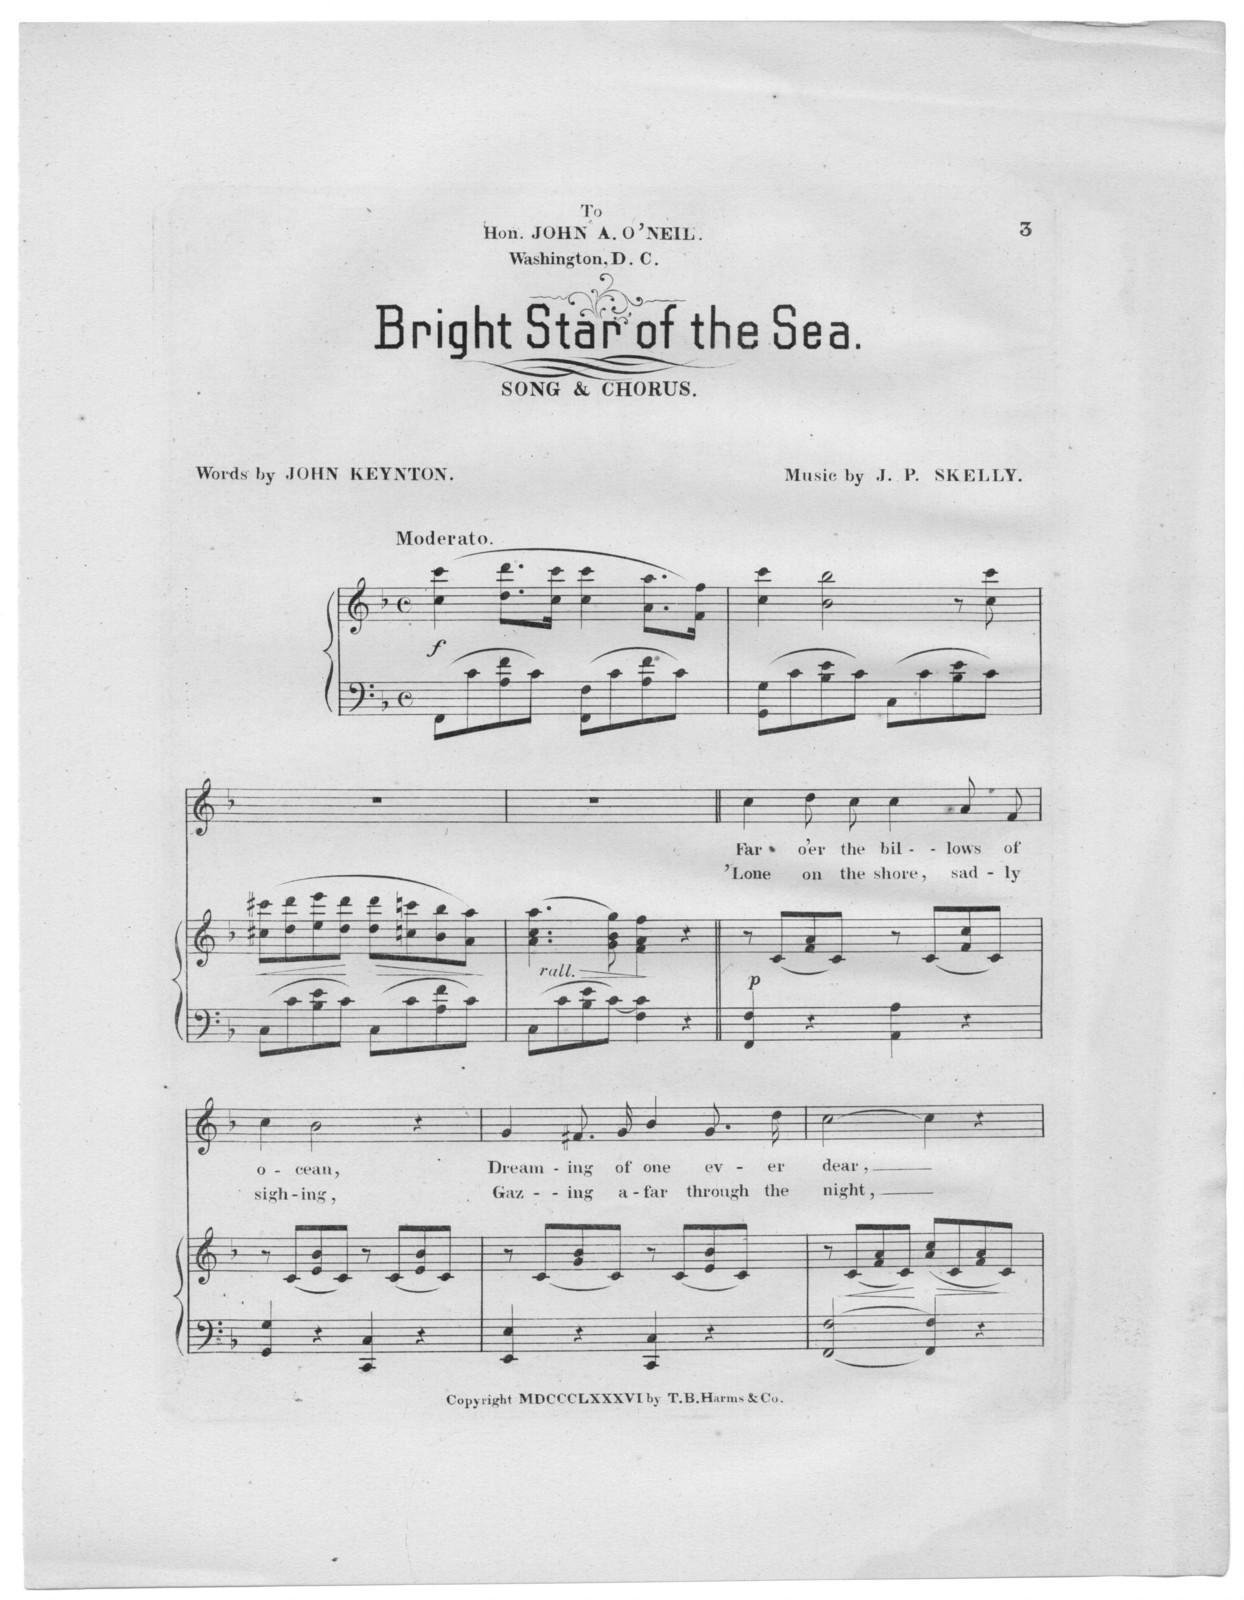 Bright star of the sea